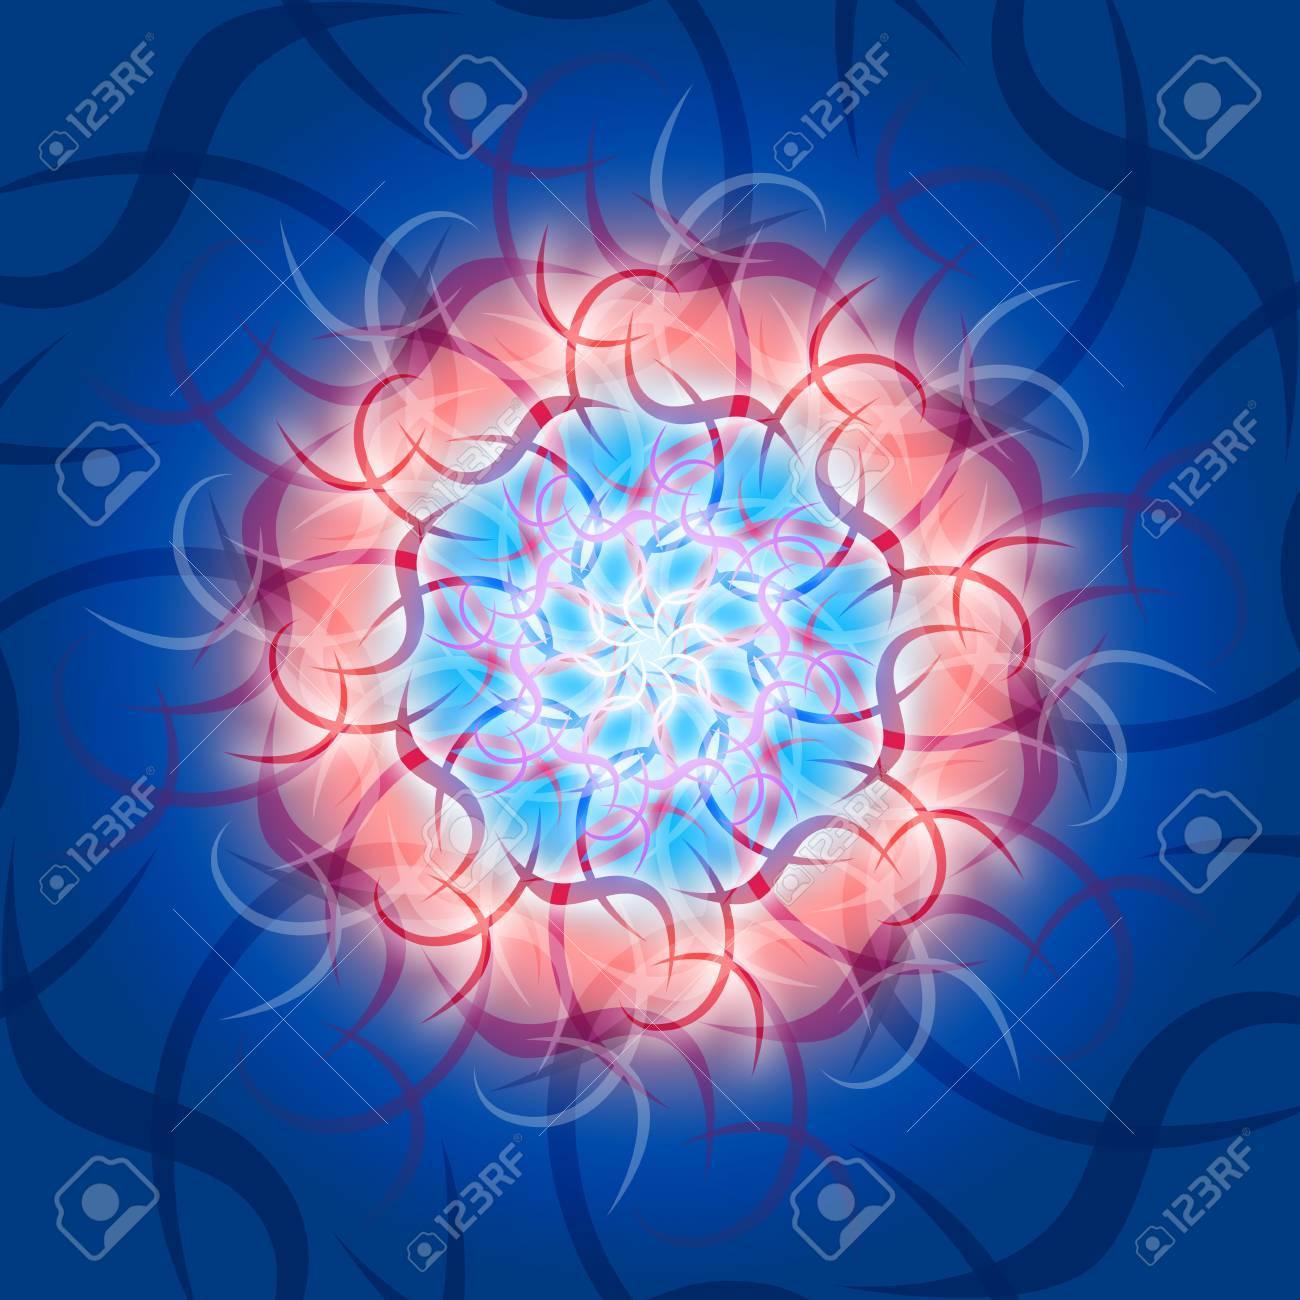 Kosmic mandala Waves Stock Photo - 14380901